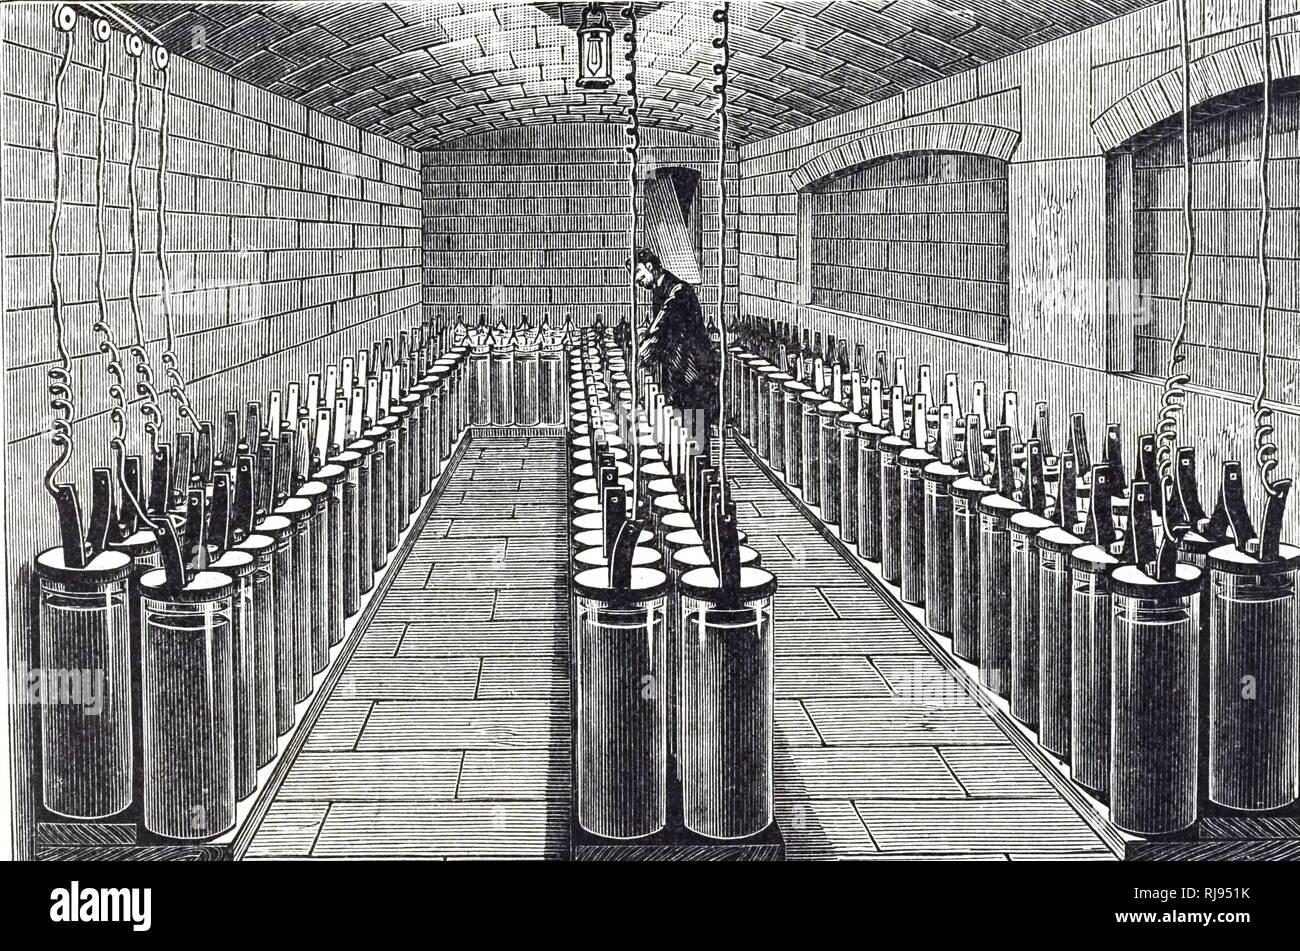 Une gravure représentant une batterie de 165 cellules de plante utilisés pour fournir de la lumière dans l'Hôtel de Ville, Paris, France. En date du 19e siècle Photo Stock